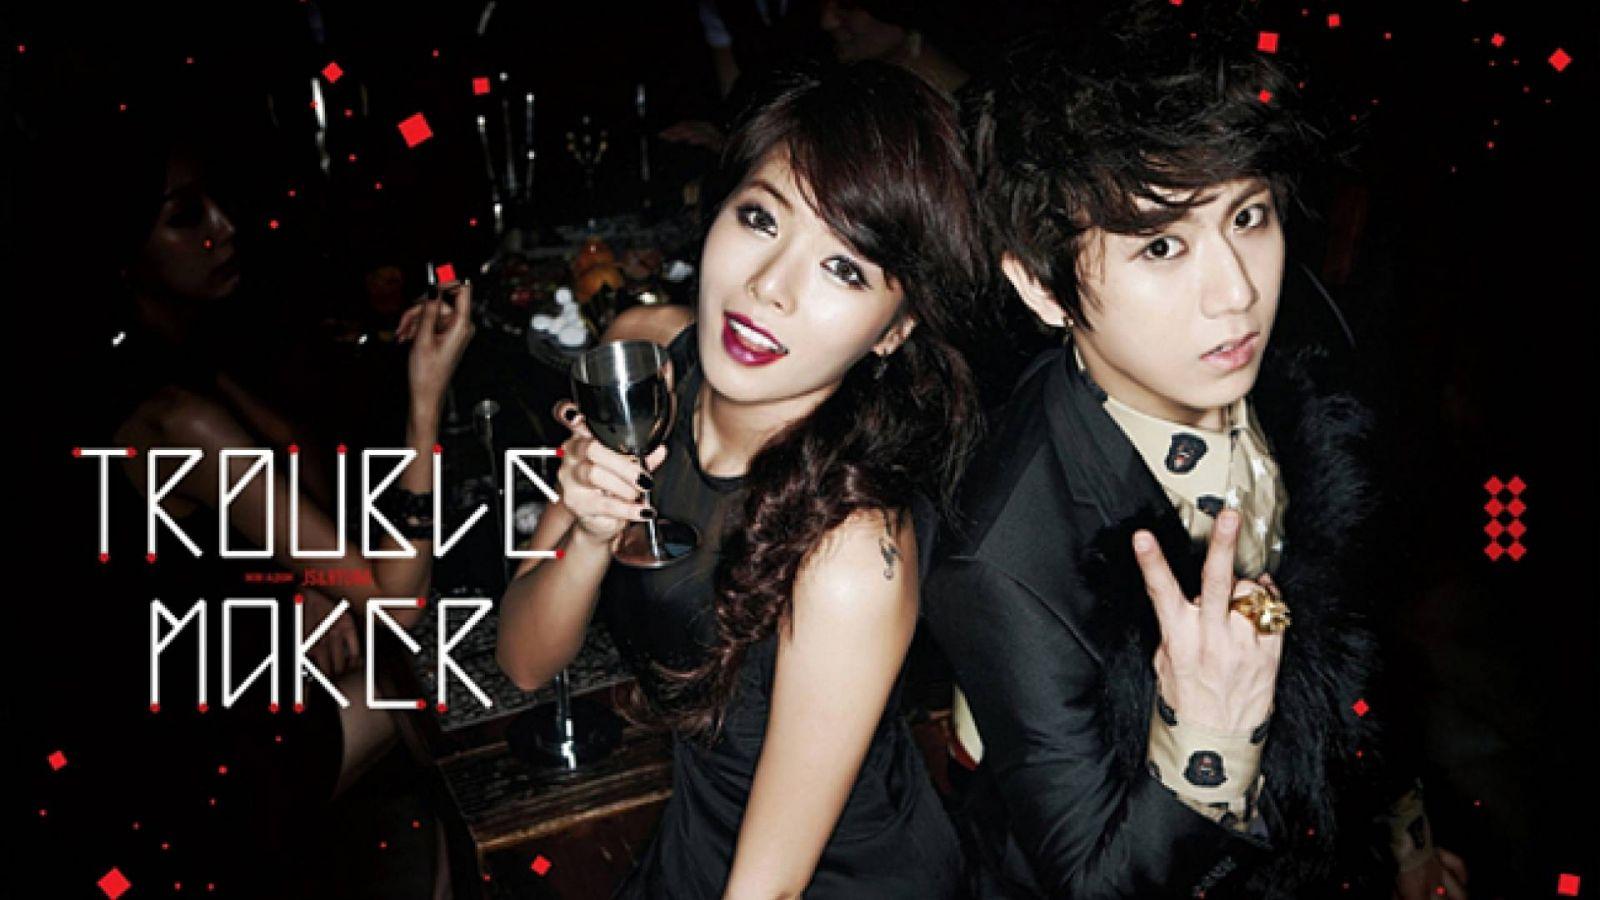 Trouble Maker © Cube Entertainment